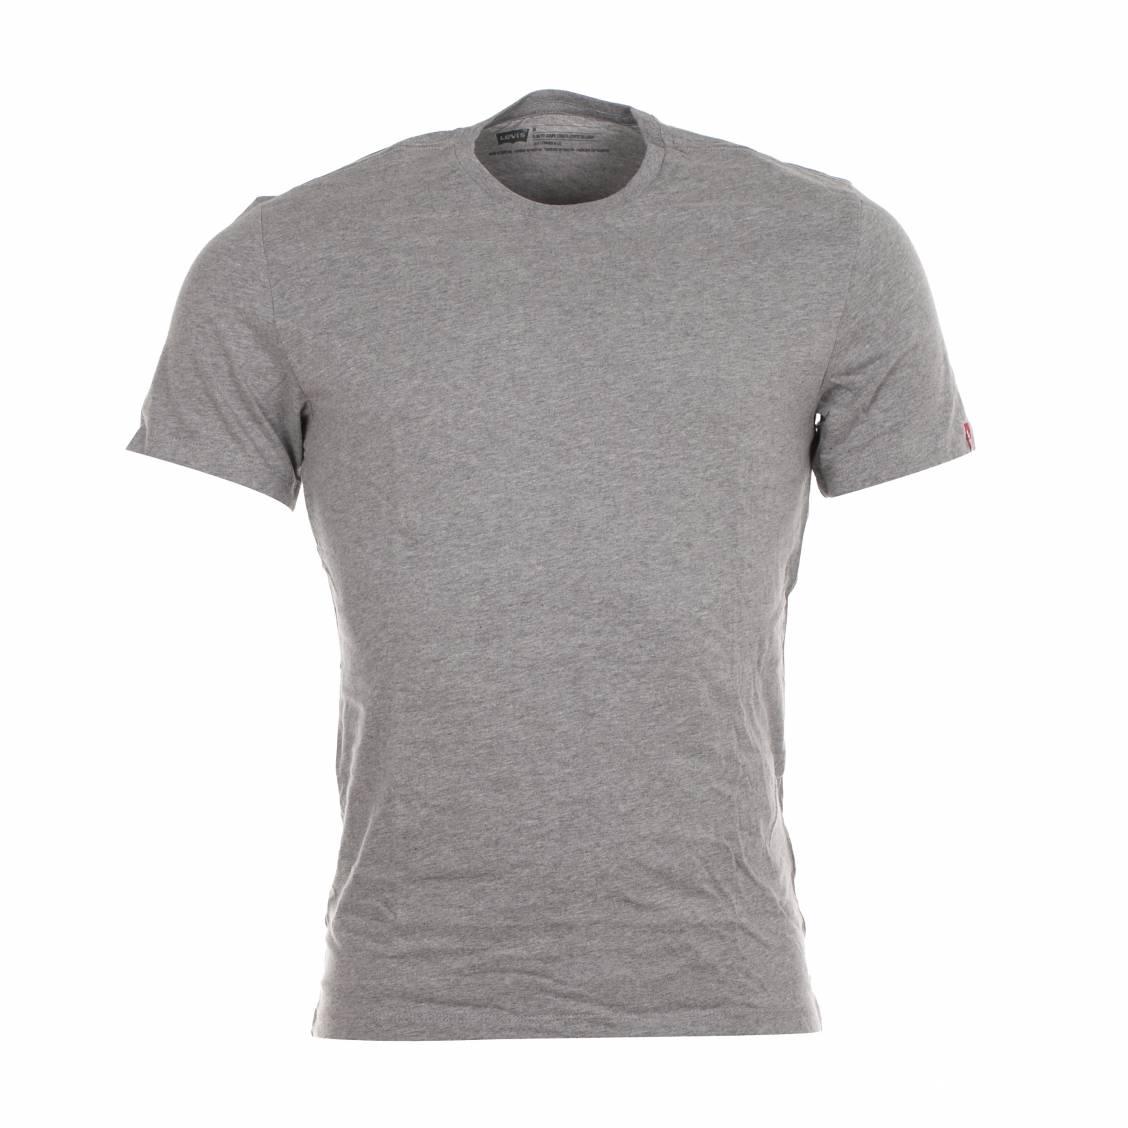 lot de 2 tee shirts col rond levi 39 s en coton gris et blanc. Black Bedroom Furniture Sets. Home Design Ideas